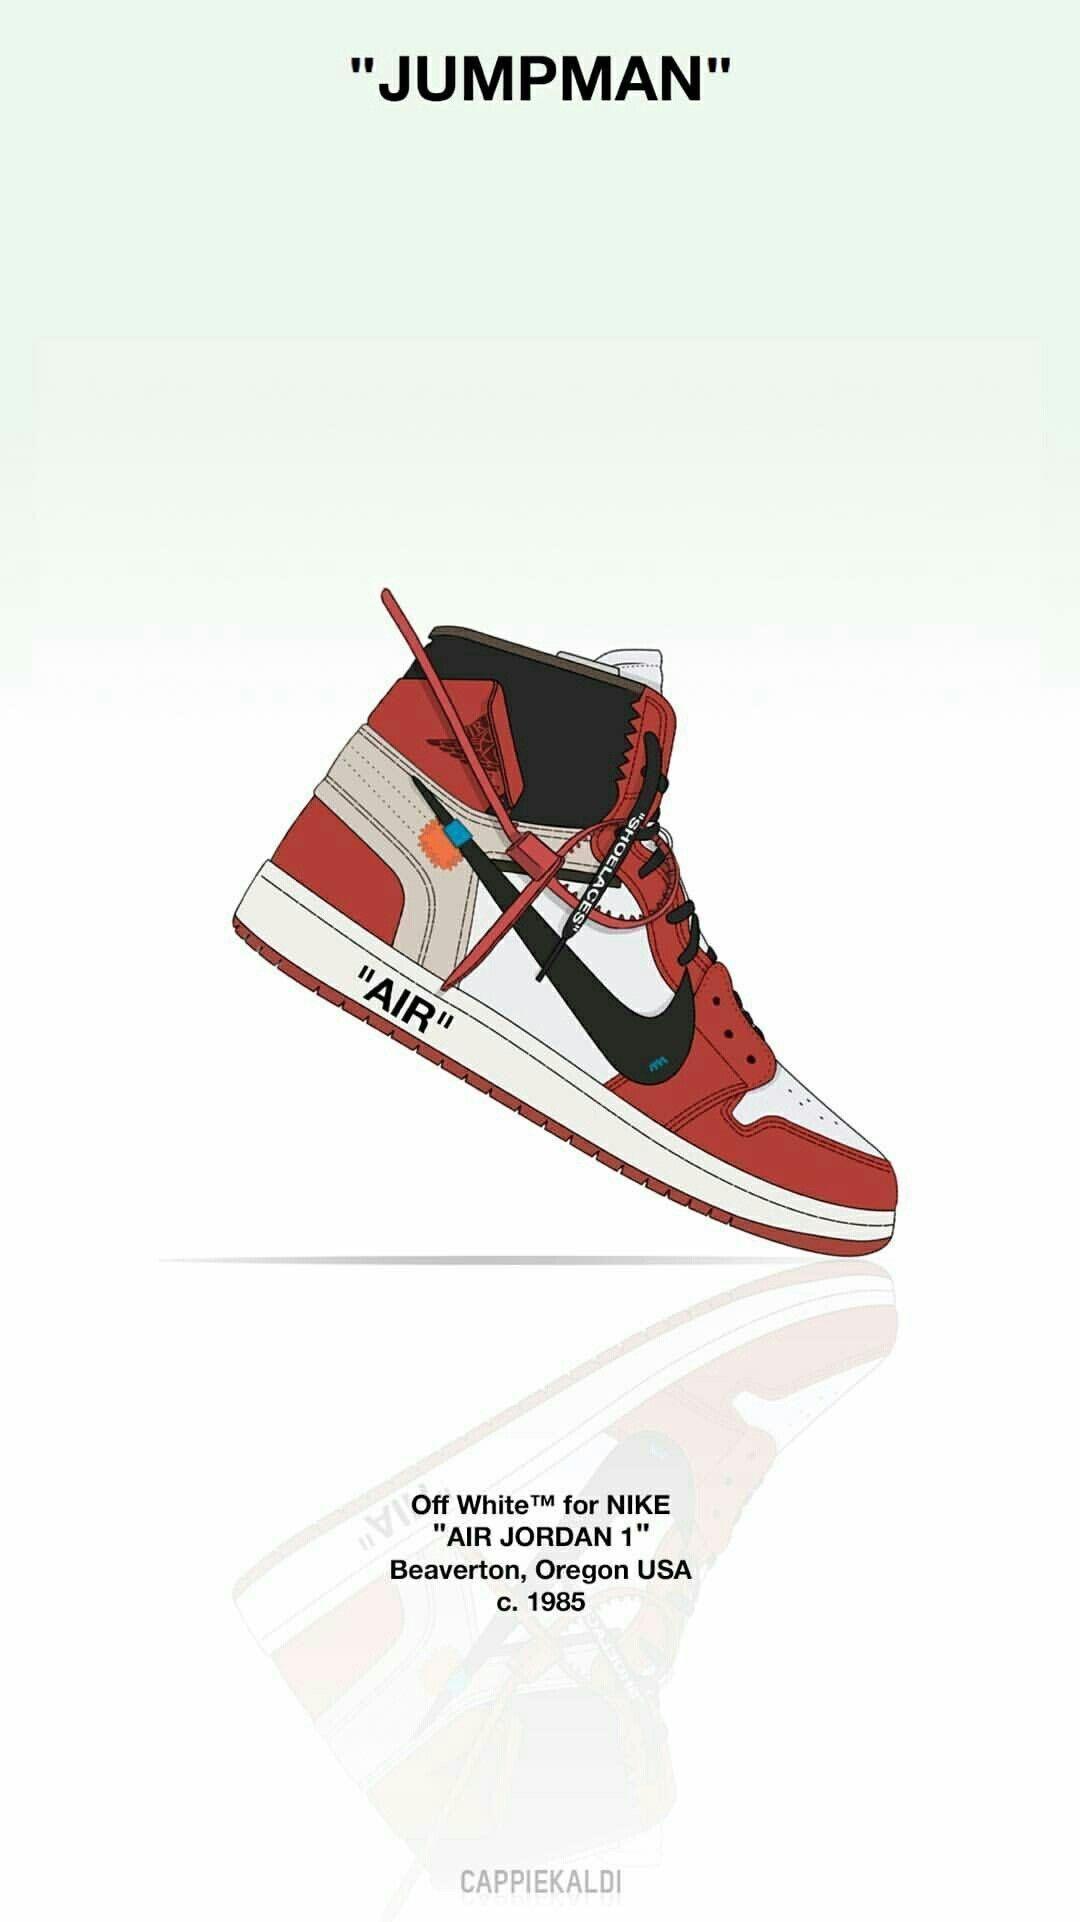 Jordan Off White Wallpaper Sneakers Wallpaper Shoes Wallpaper Nike Wallpaper Iphone